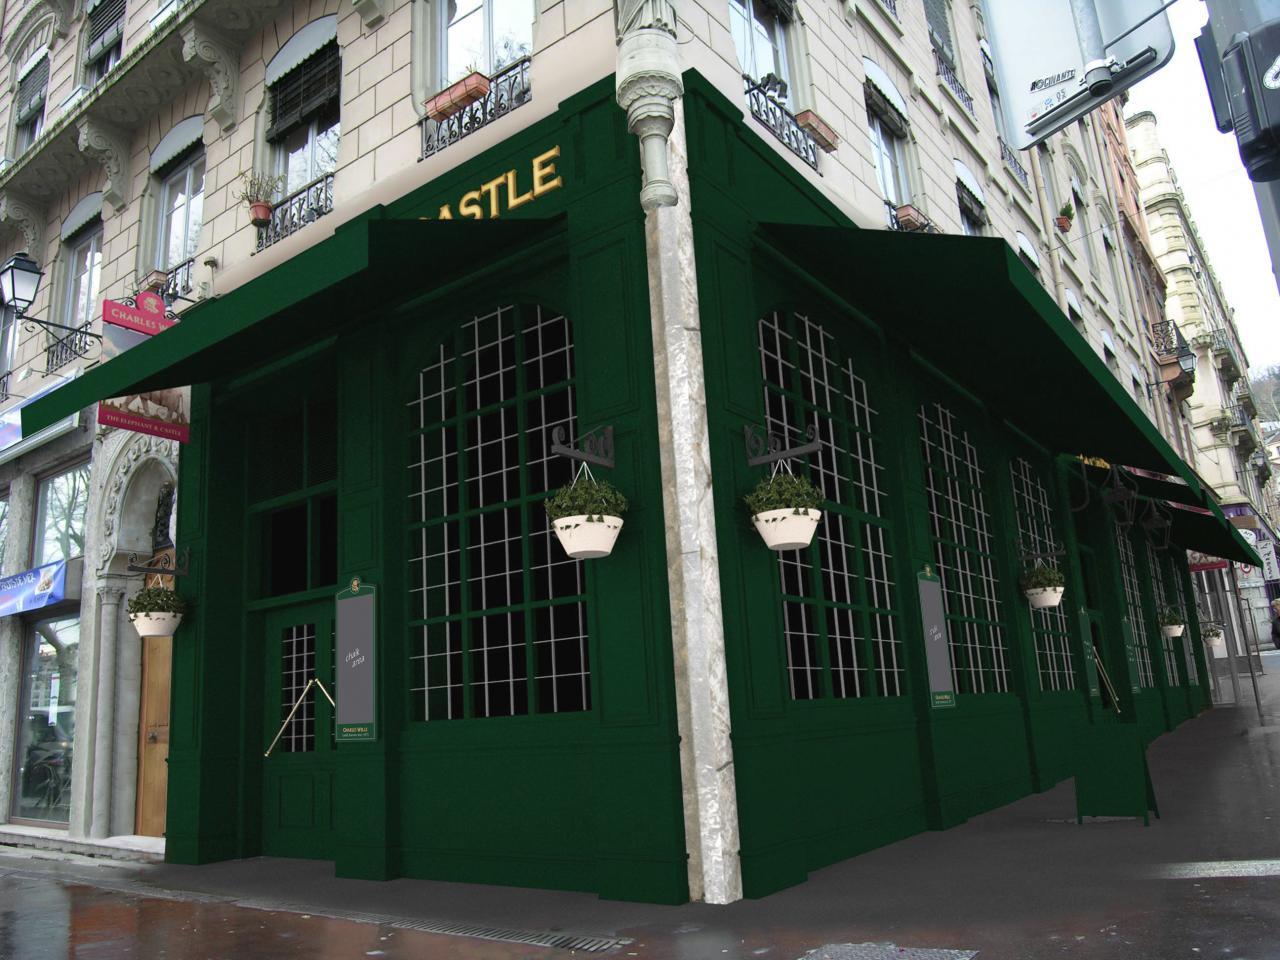 Réfection de devanture pour un Pub